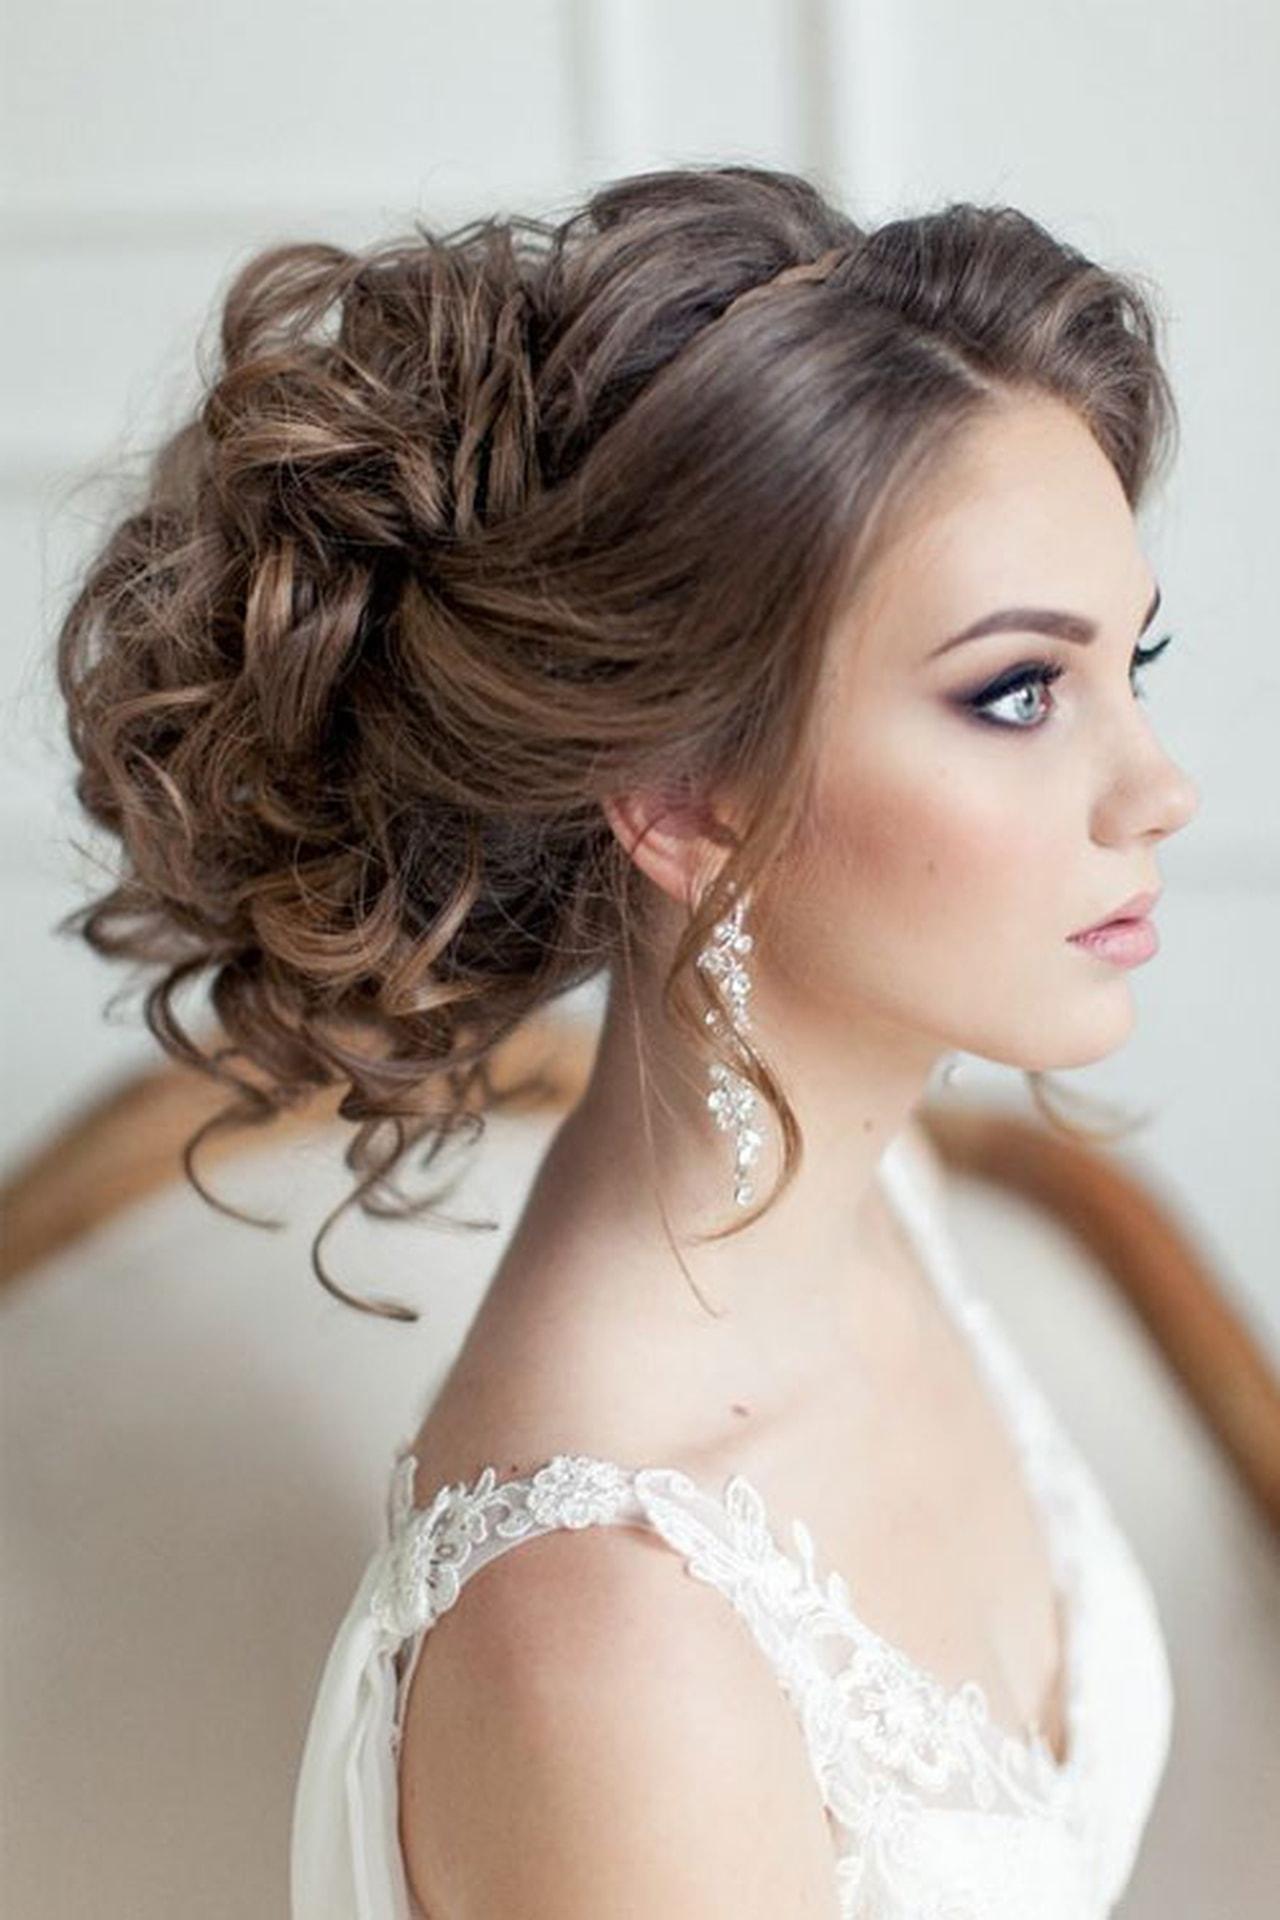 بالصور تسريحه عروس , اجمل تسريحات العروس 3563 2